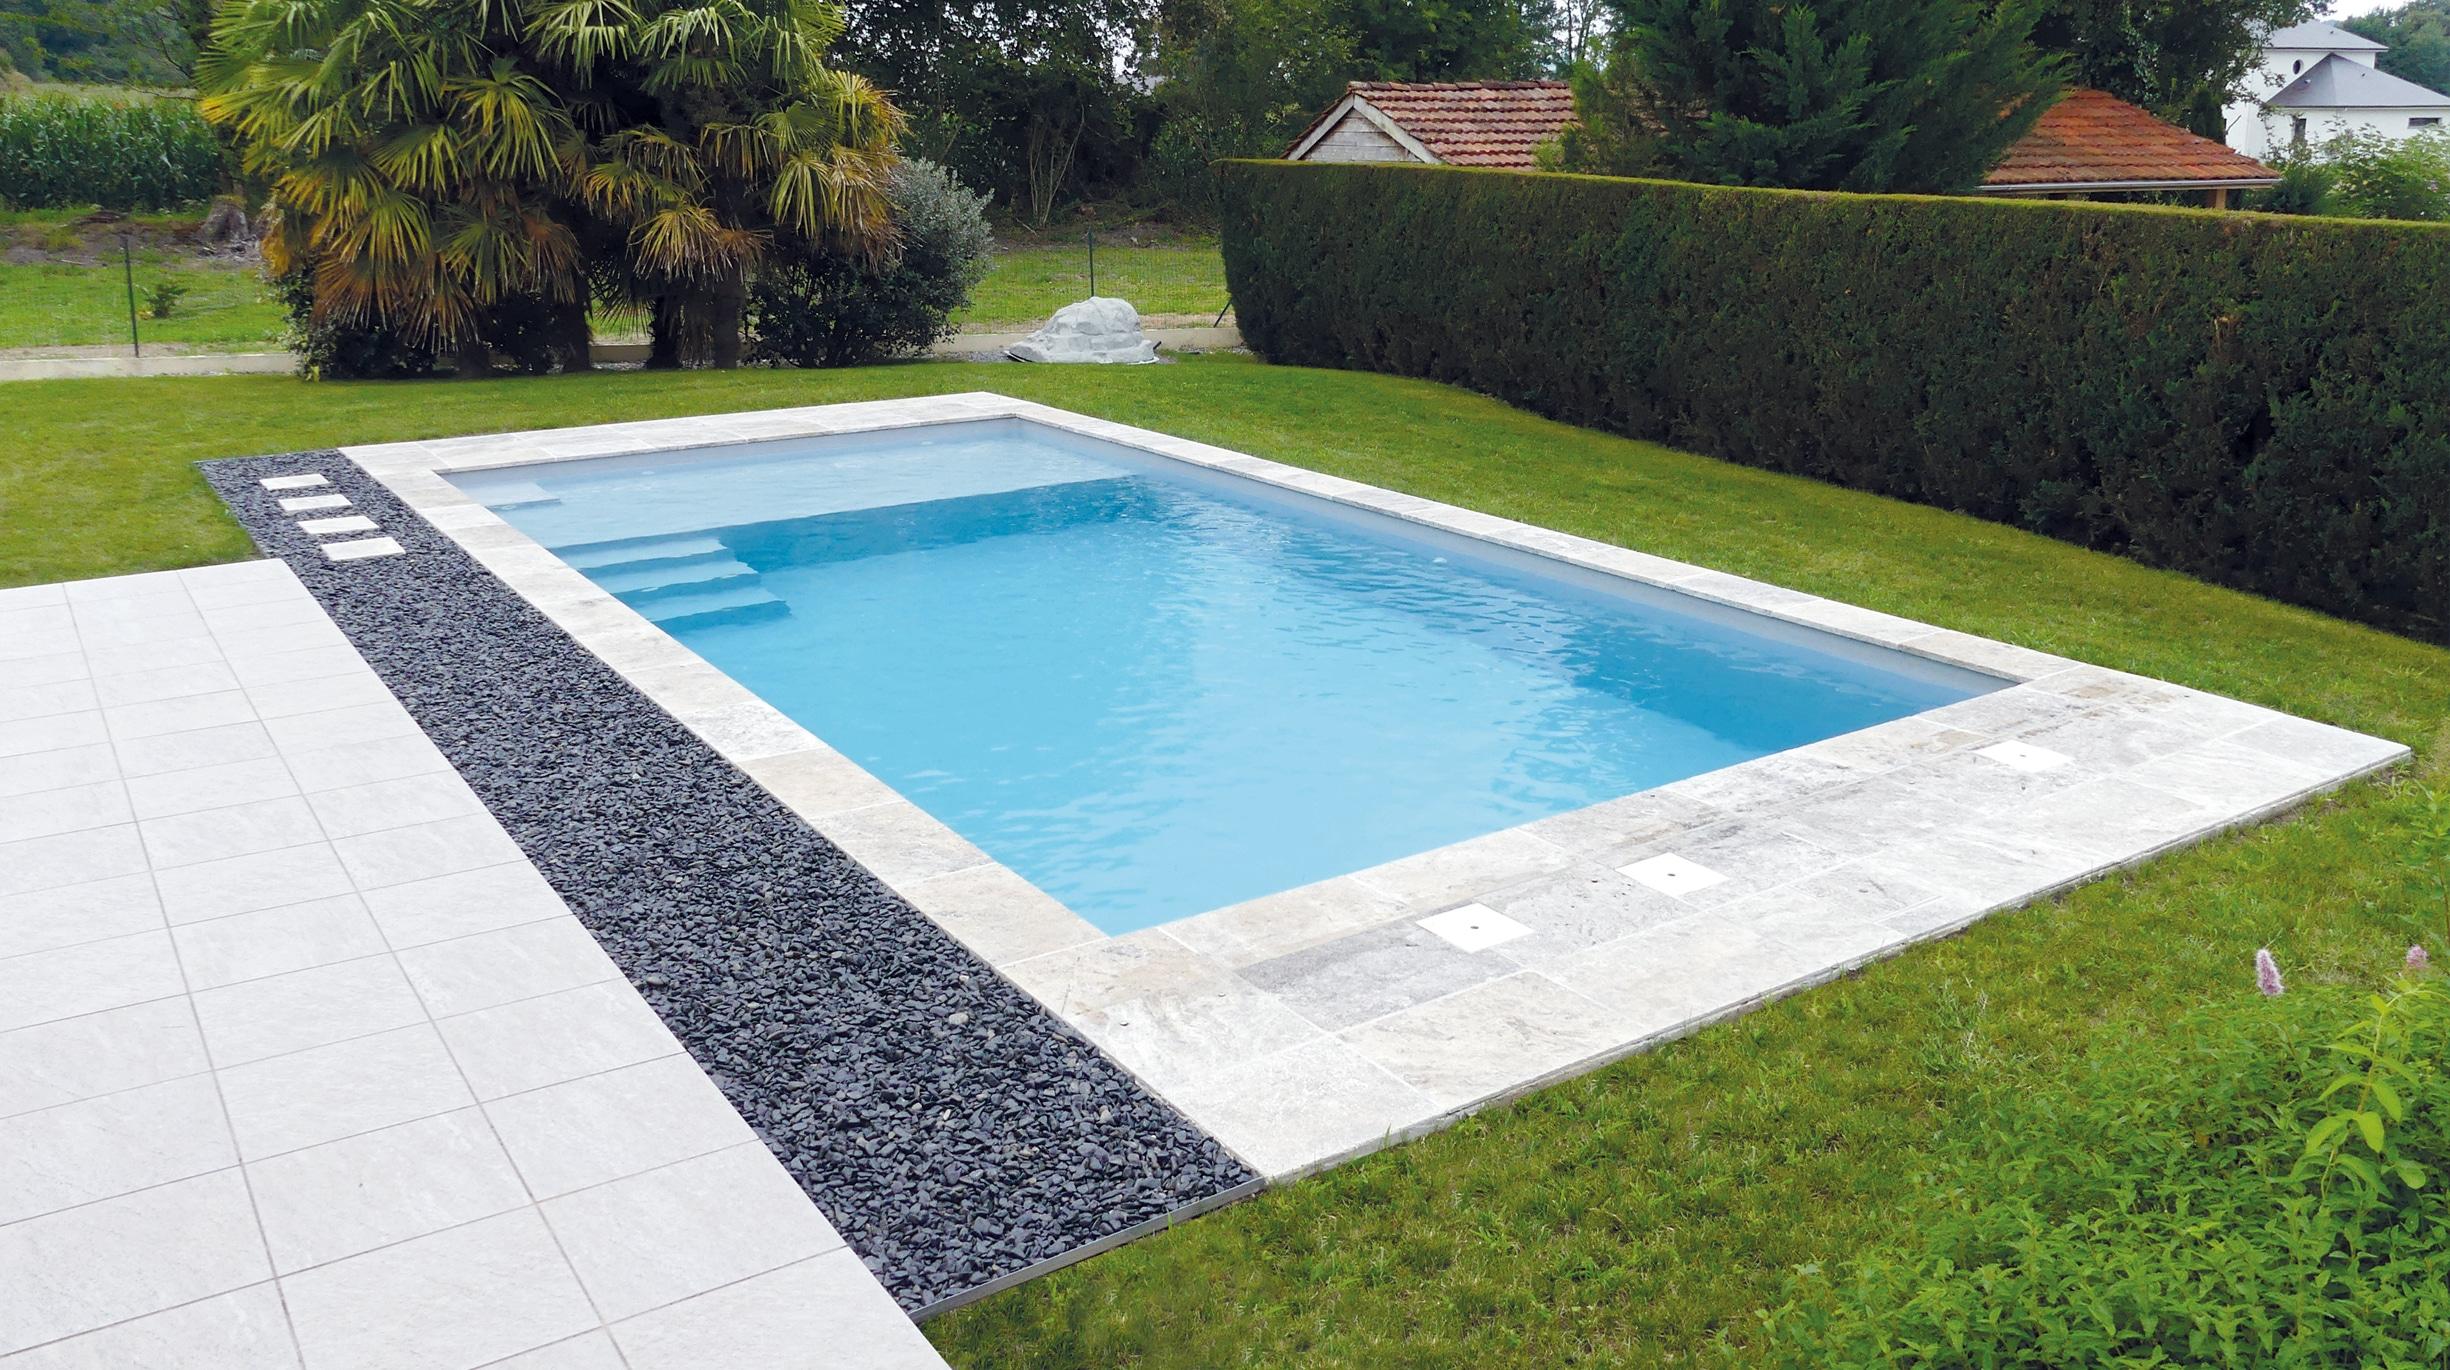 prado-plage TOP 5 de nos réalisations de piscines à coques insolites